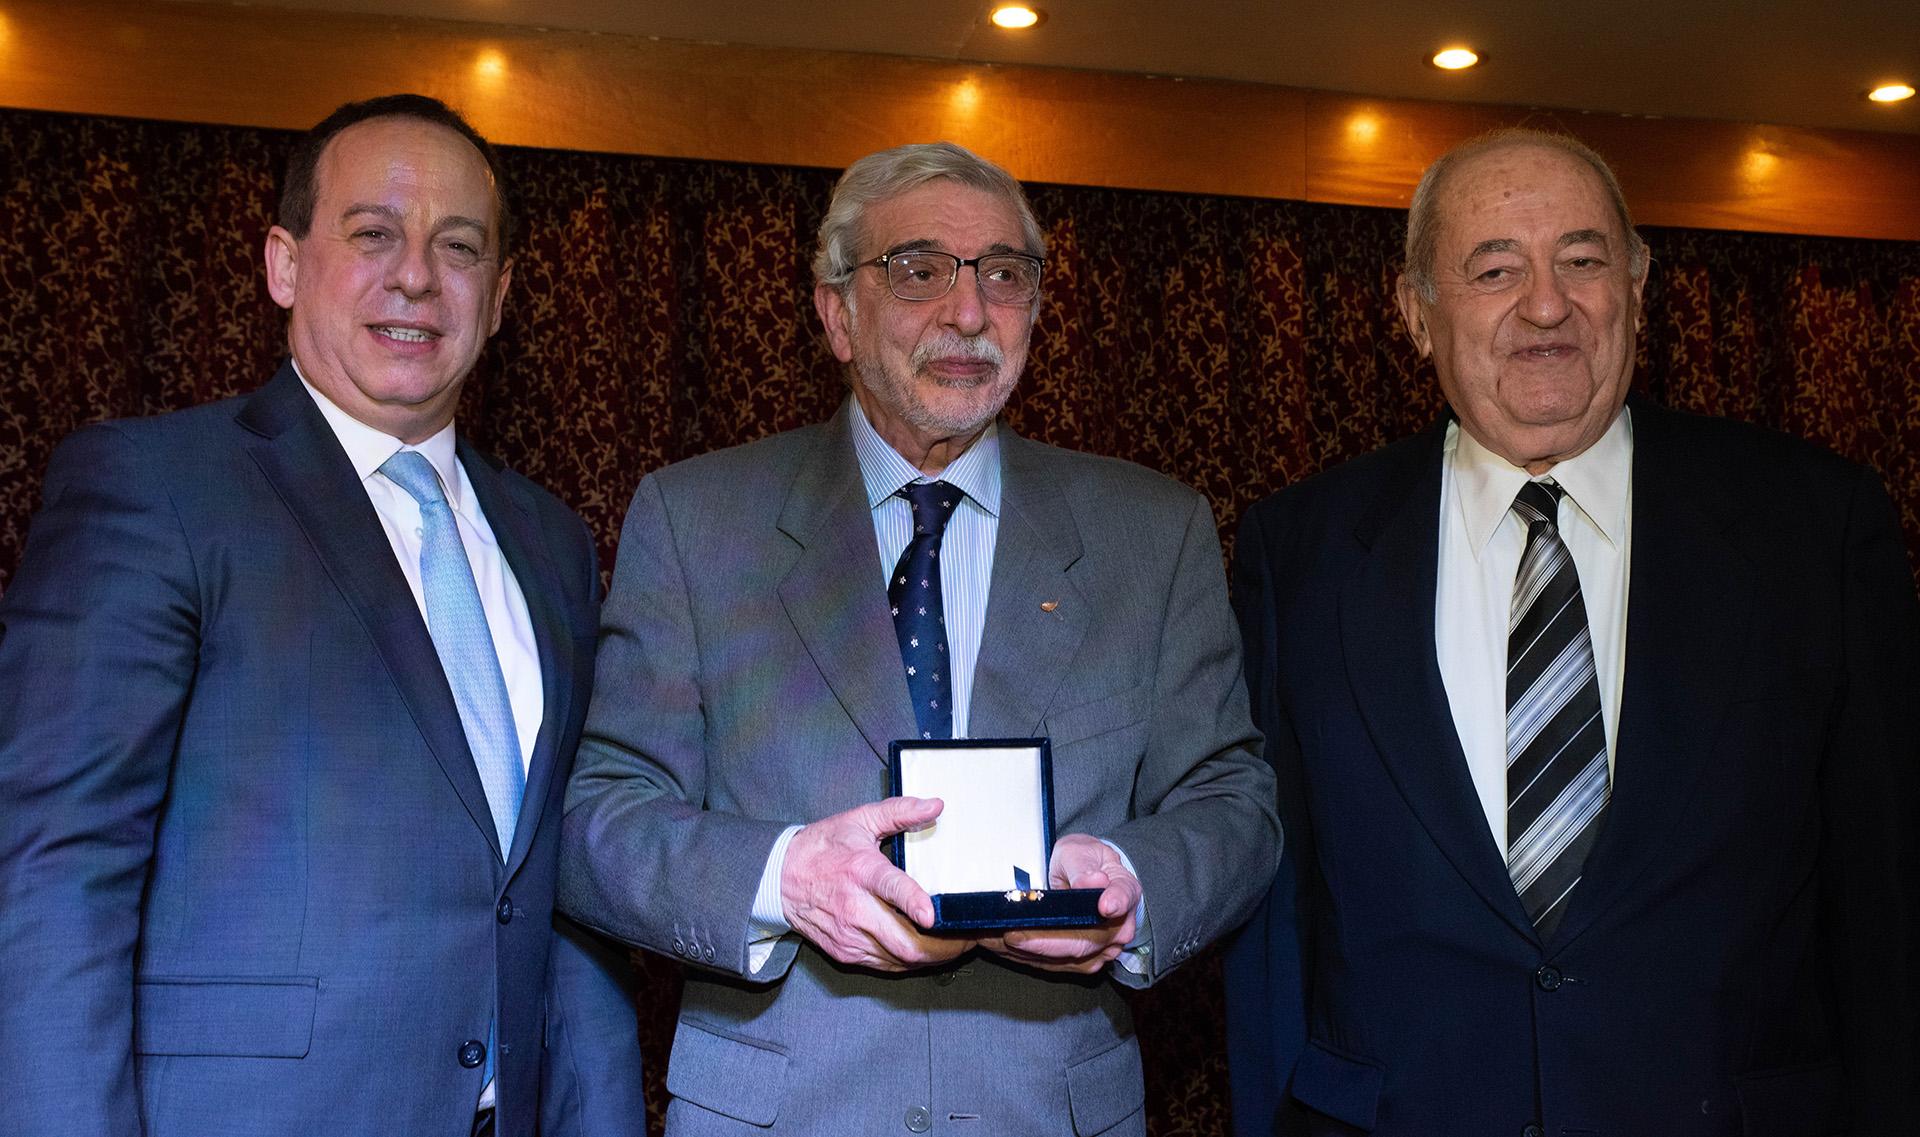 La medalla que recibió Enrique Paixao